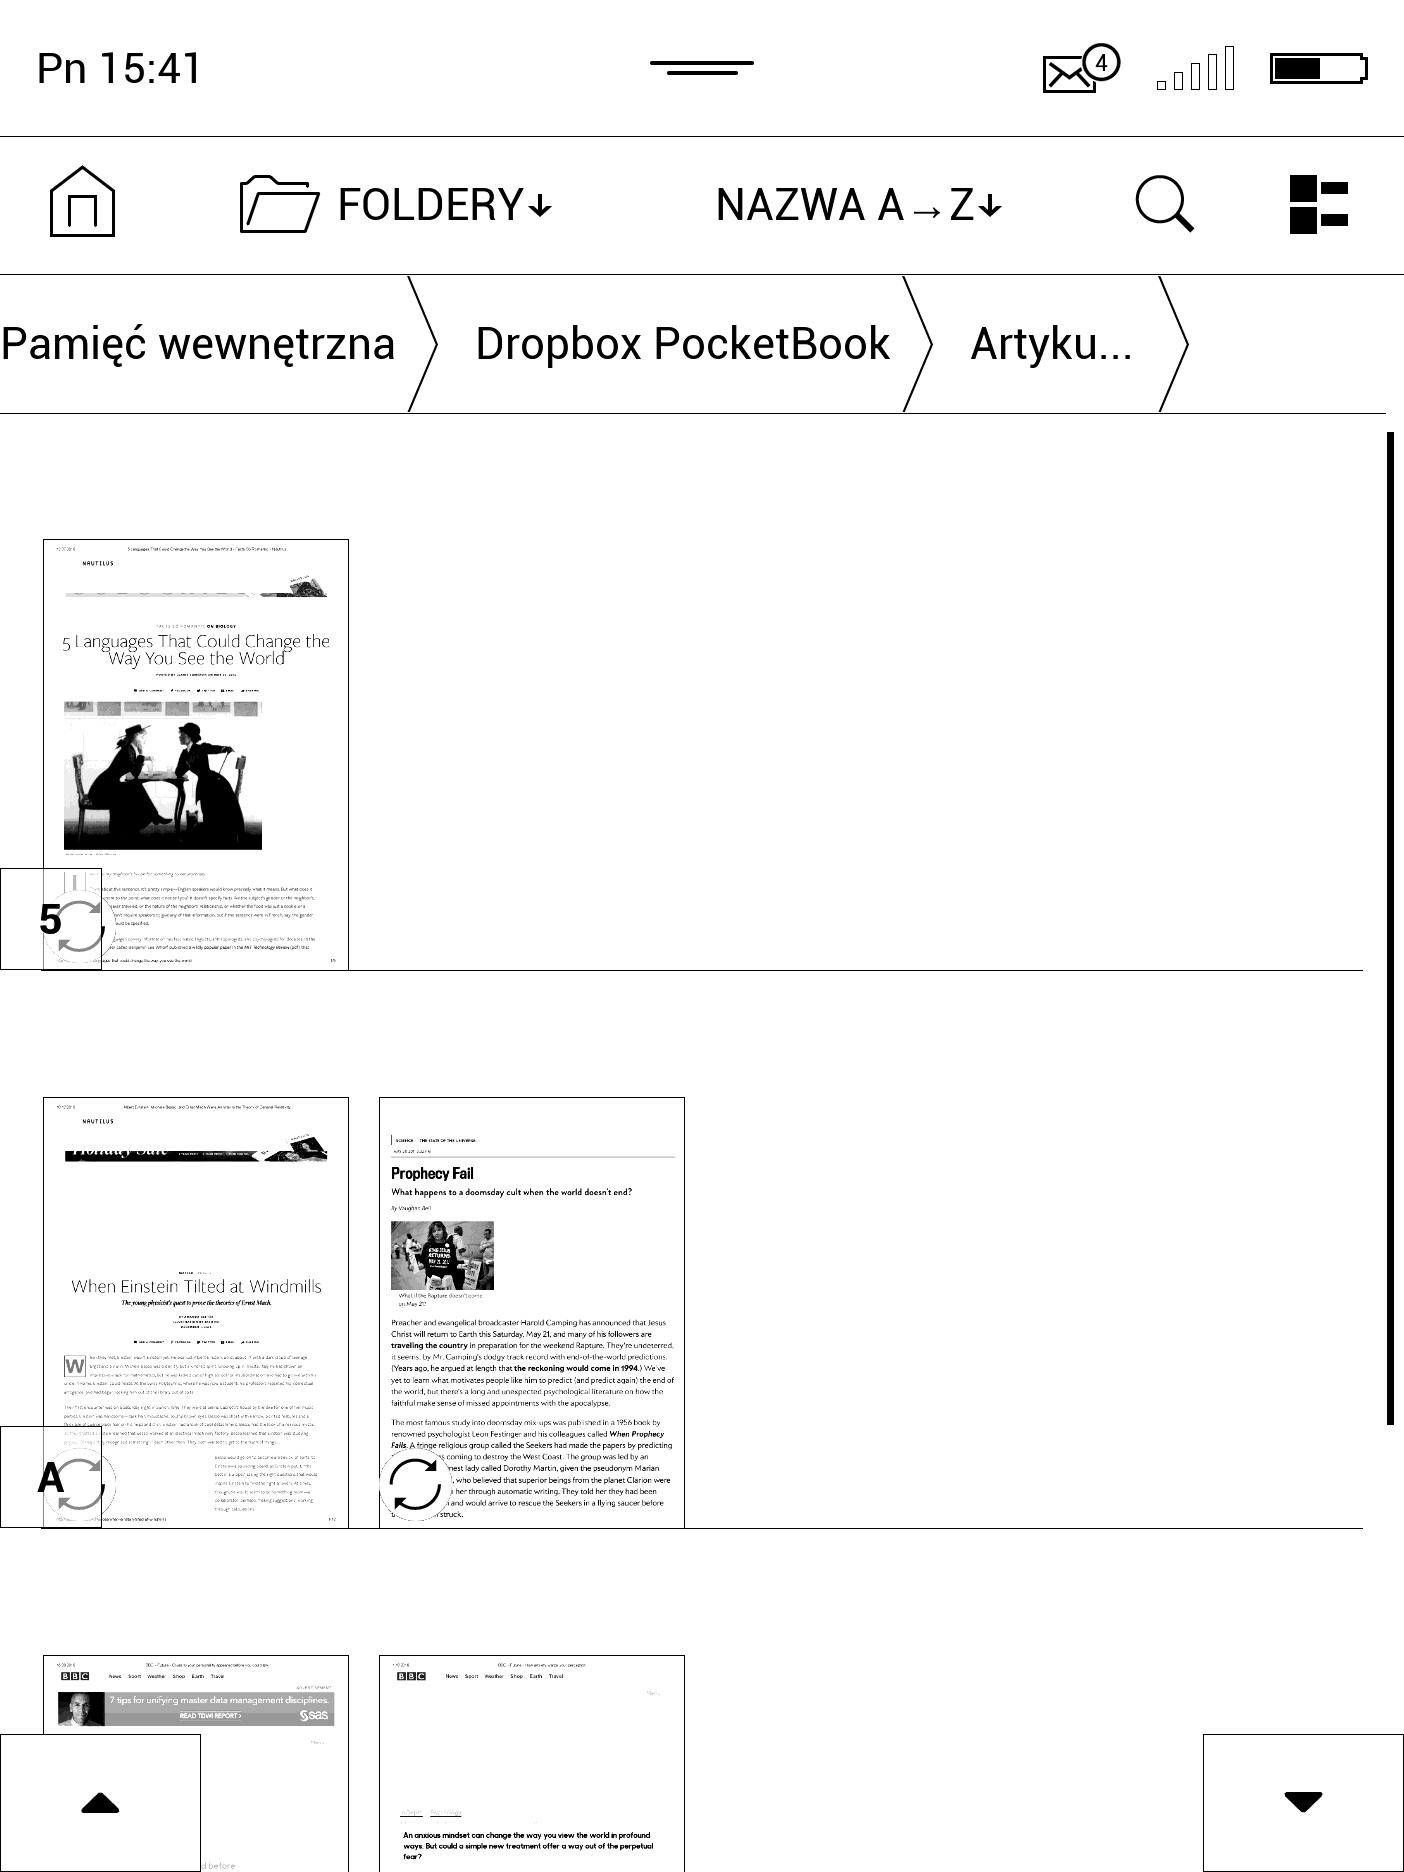 Zarządzanie plikami na Dropboxie z poziomu czytnika